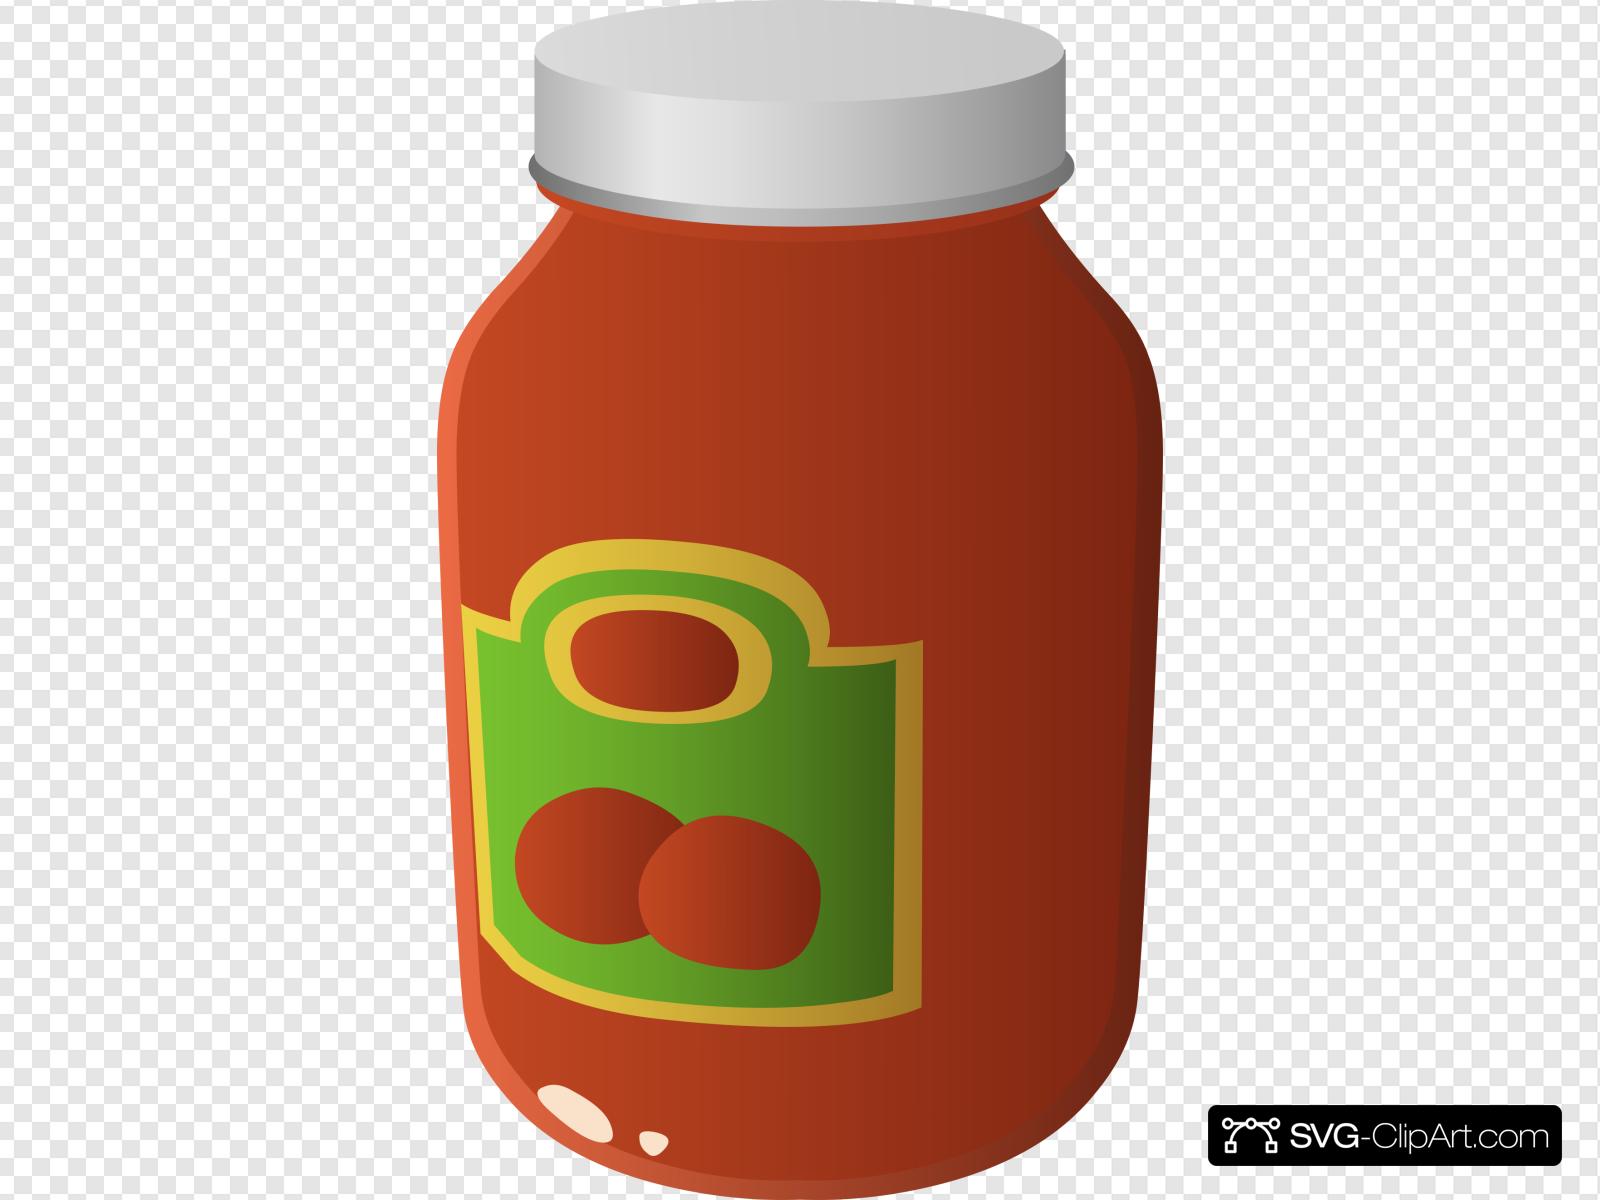 Creamy Catsup Clip art, Icon and SVG.